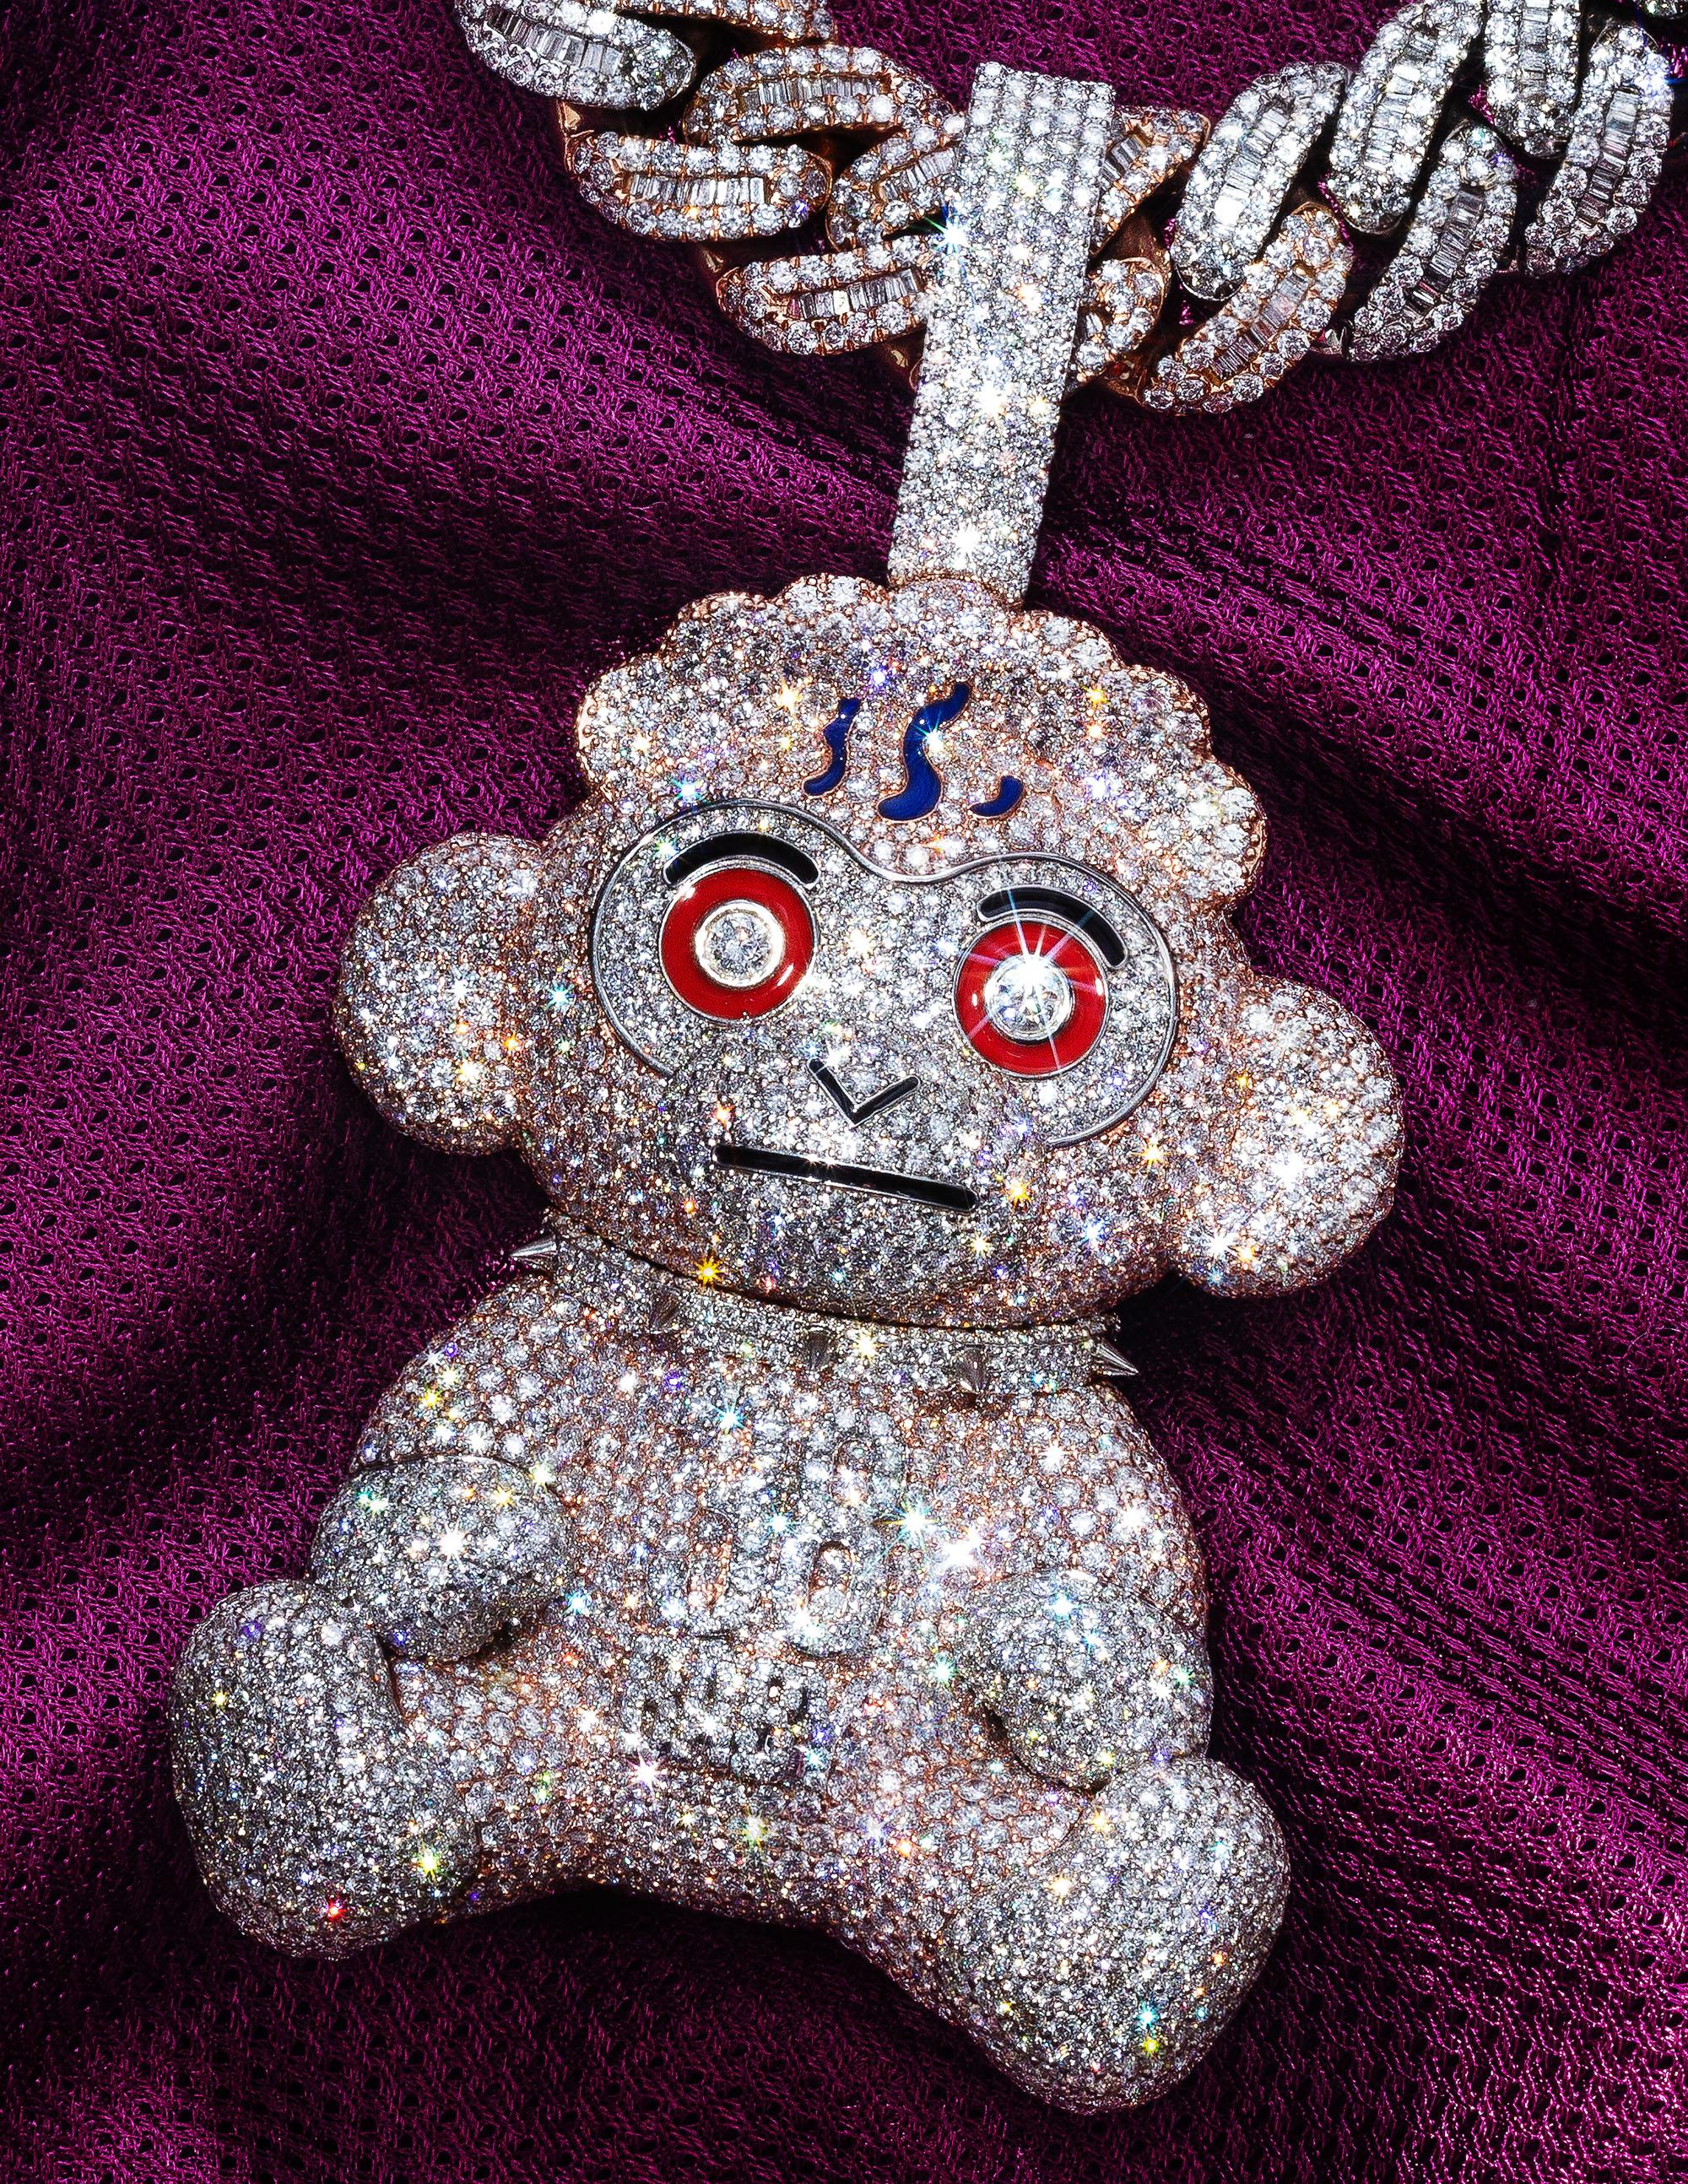 kashtan-nba-youngboy-custom-piece-by-shyne-jewelers-gold-and-diamond.jpg